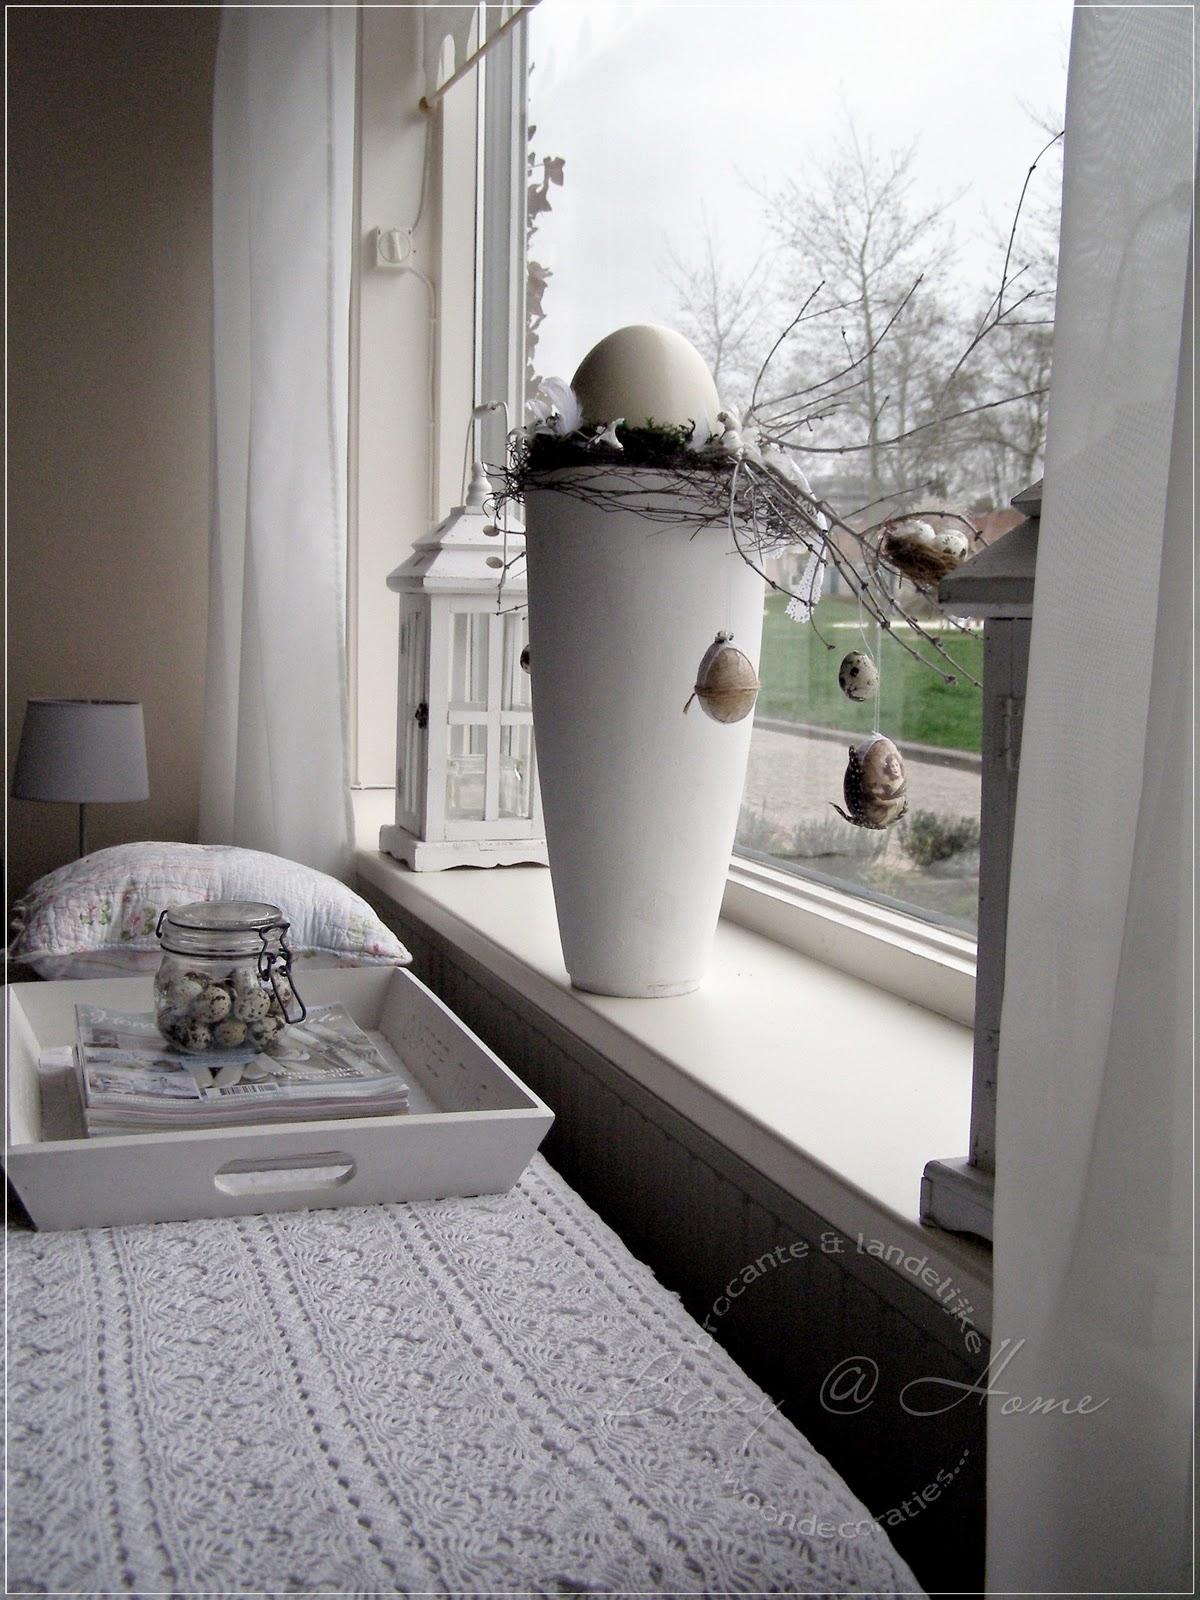 Idee voor het raam huis decoratie pinterest - Idee vloer ...